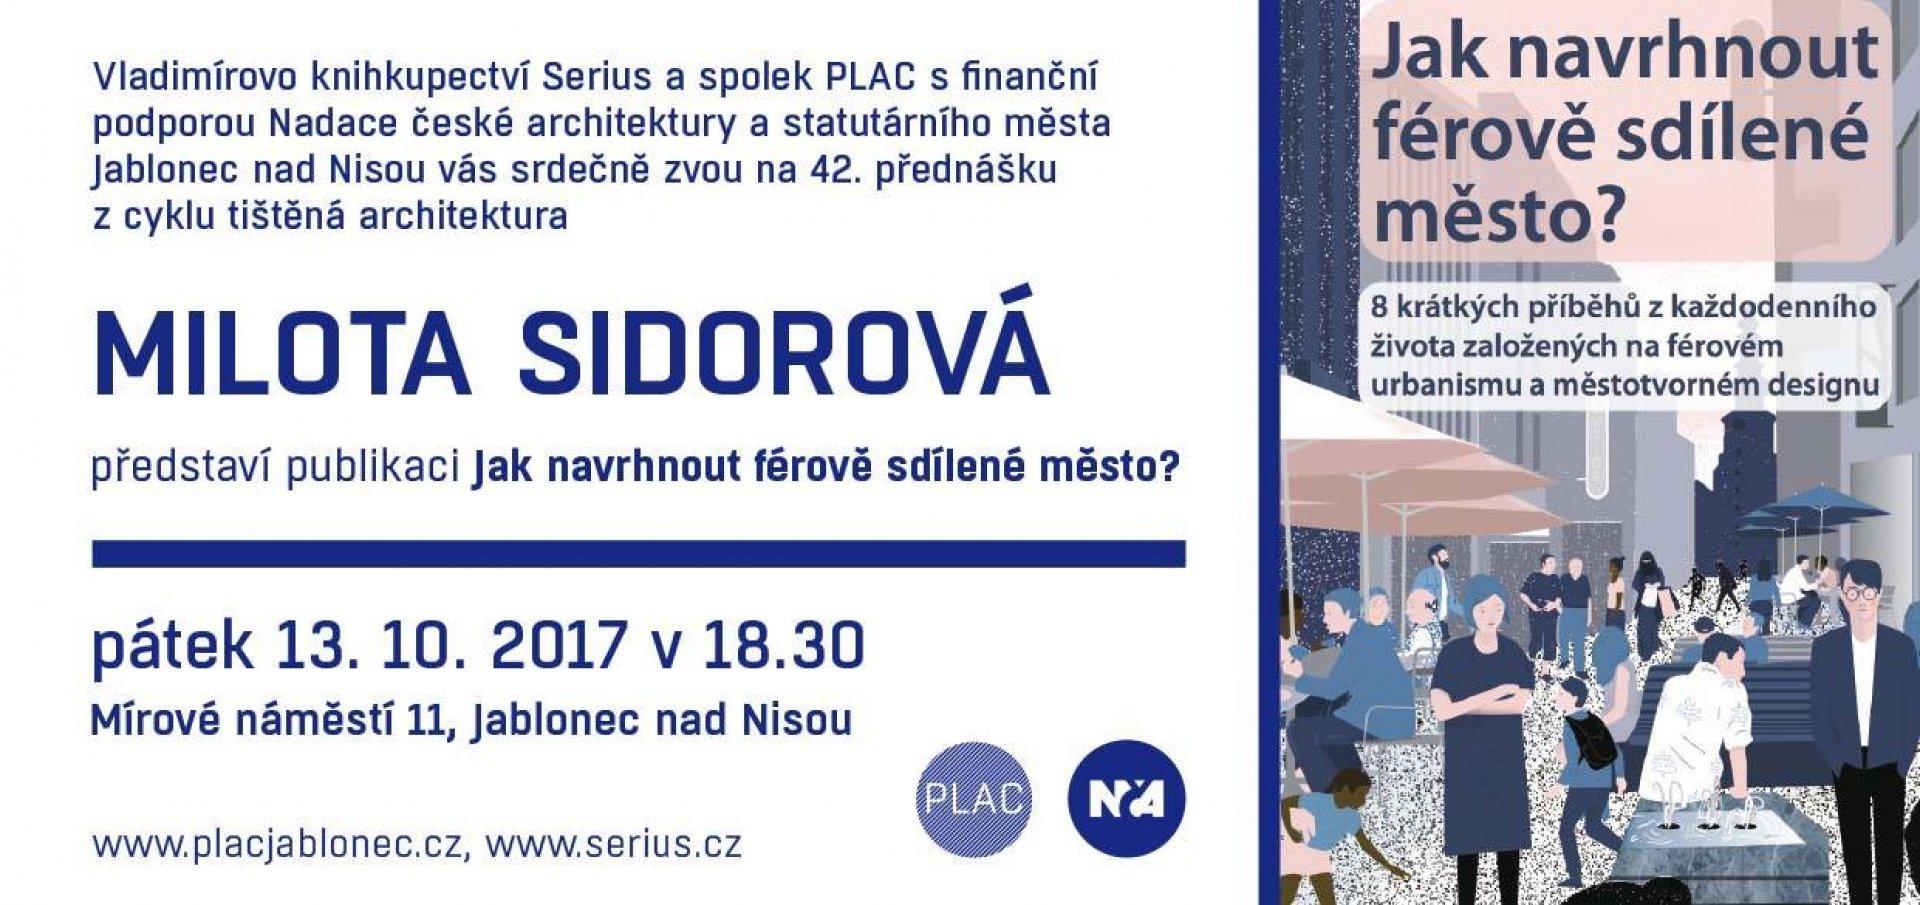 archiweb.cz - Tištěná architektura  Milota Sidorová 7b02a6f6b7